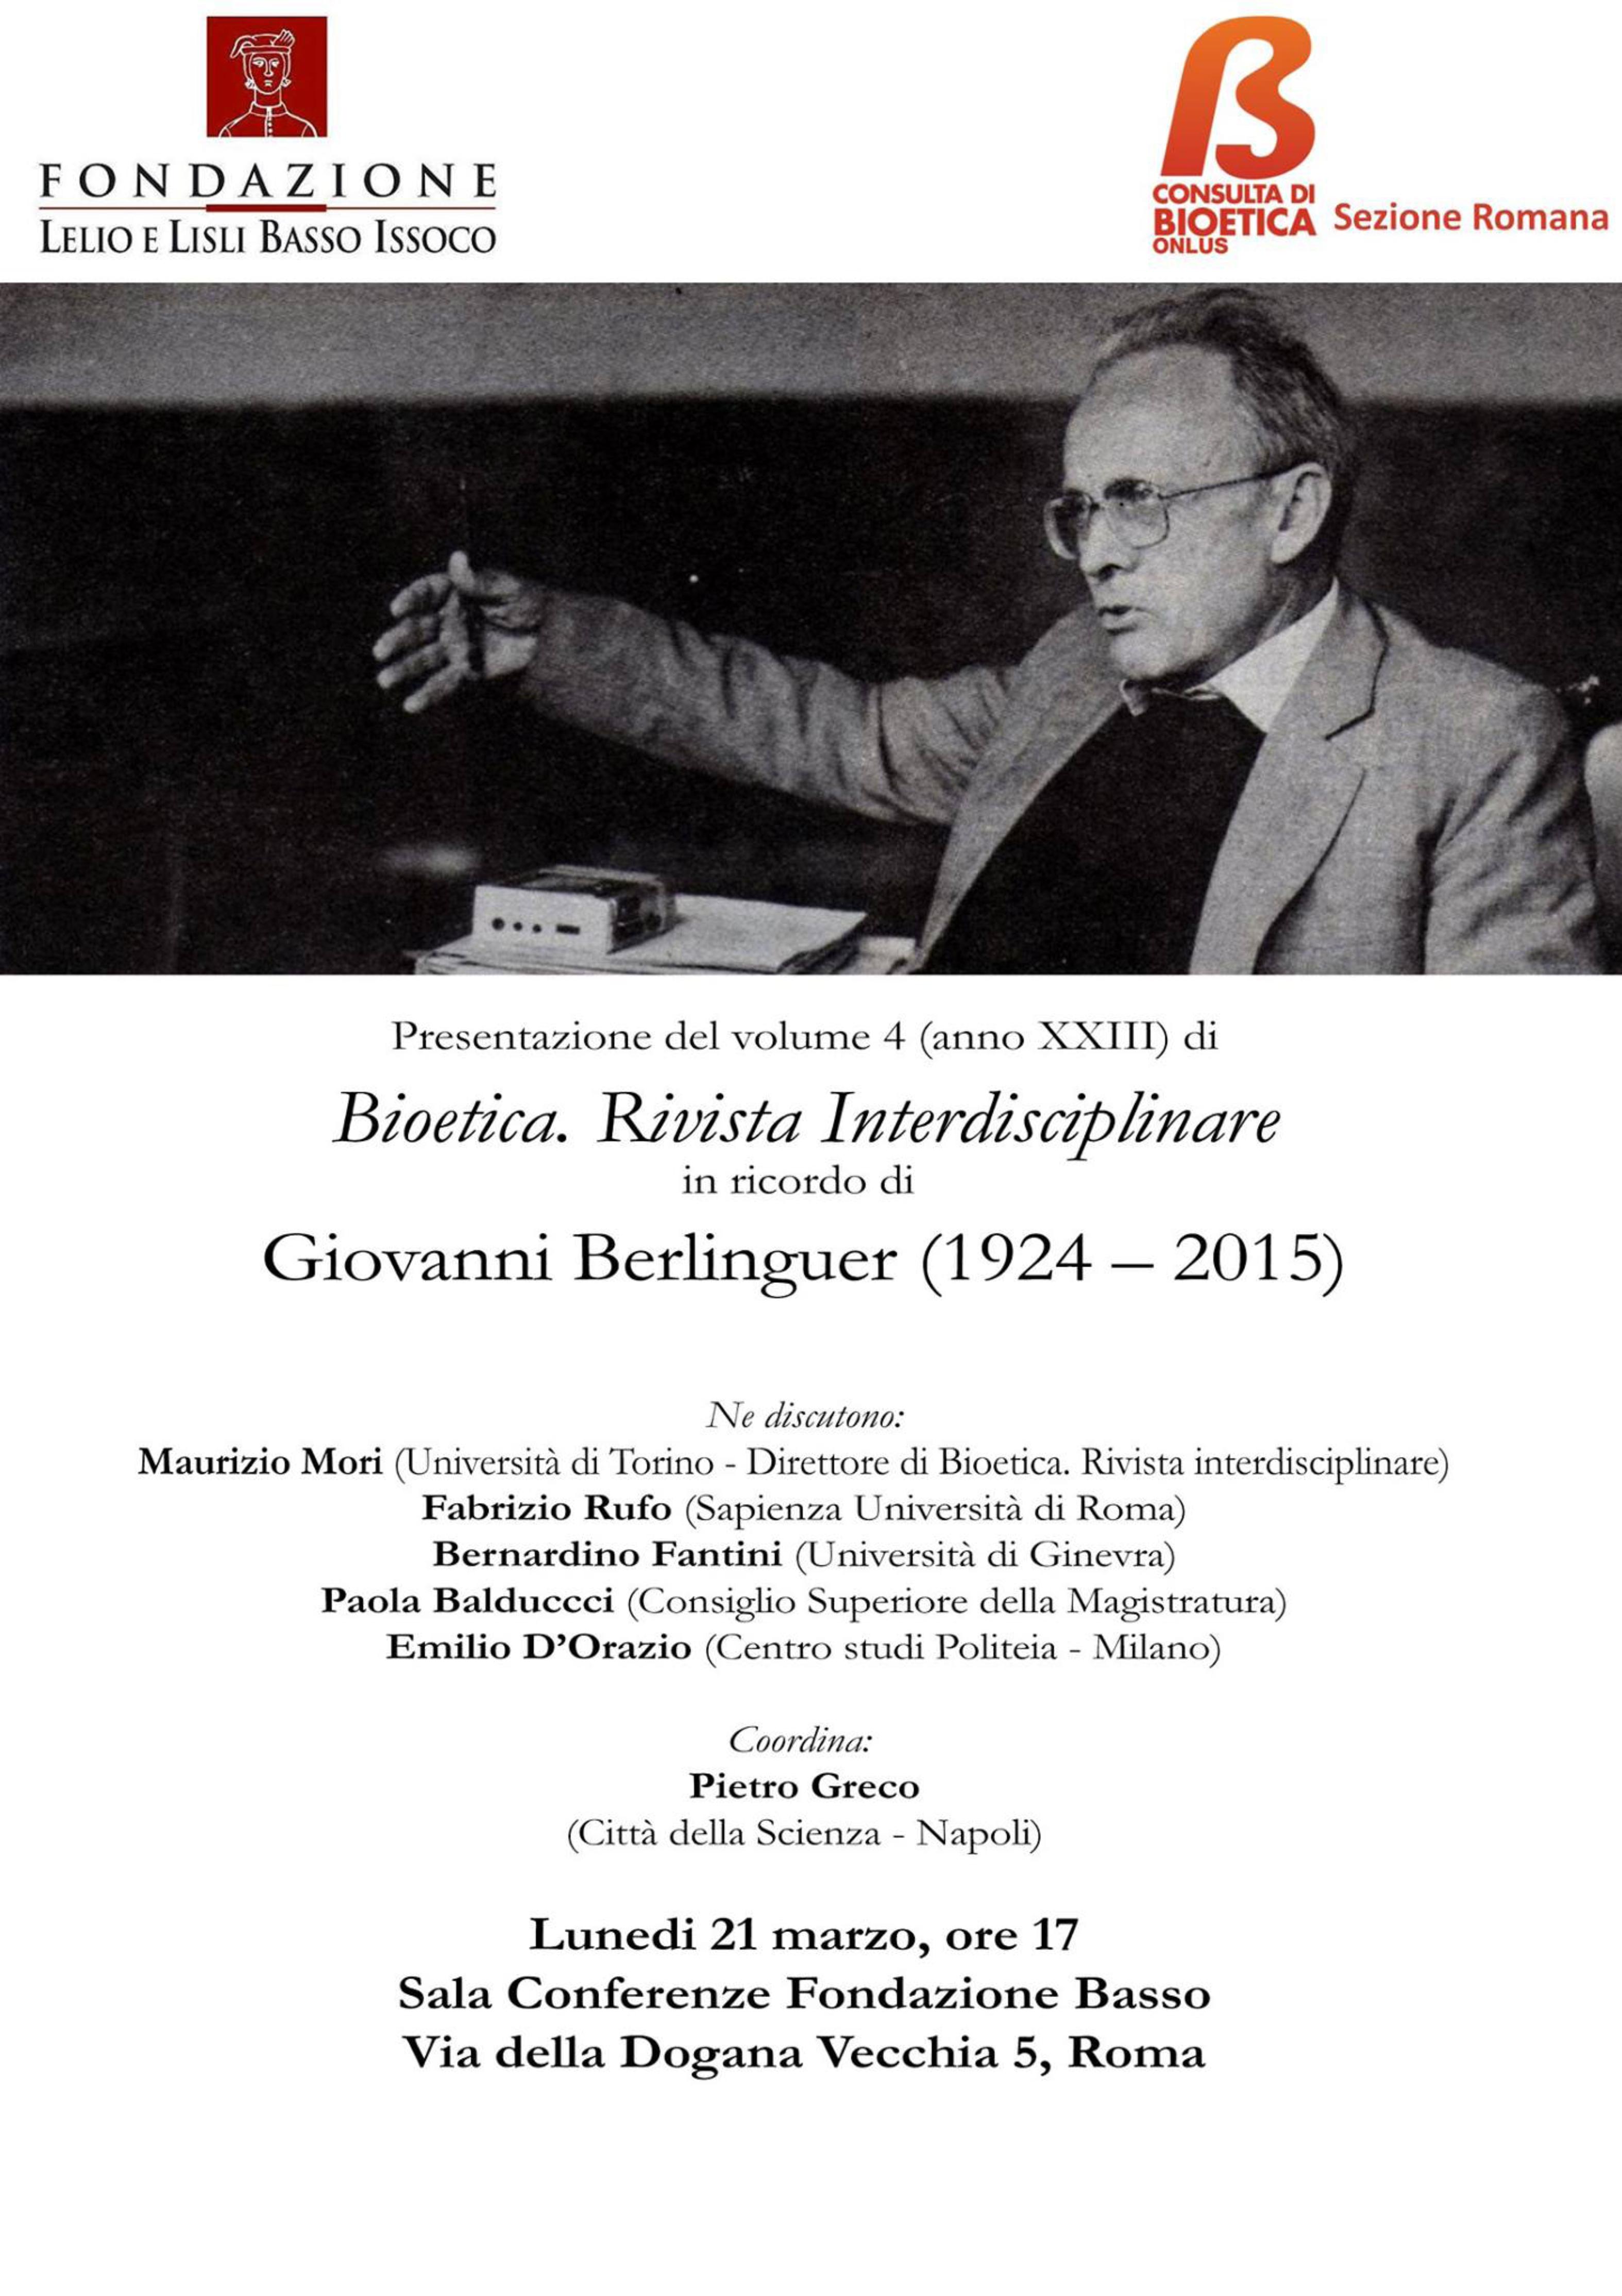 Berlinguer-Basso.jpg